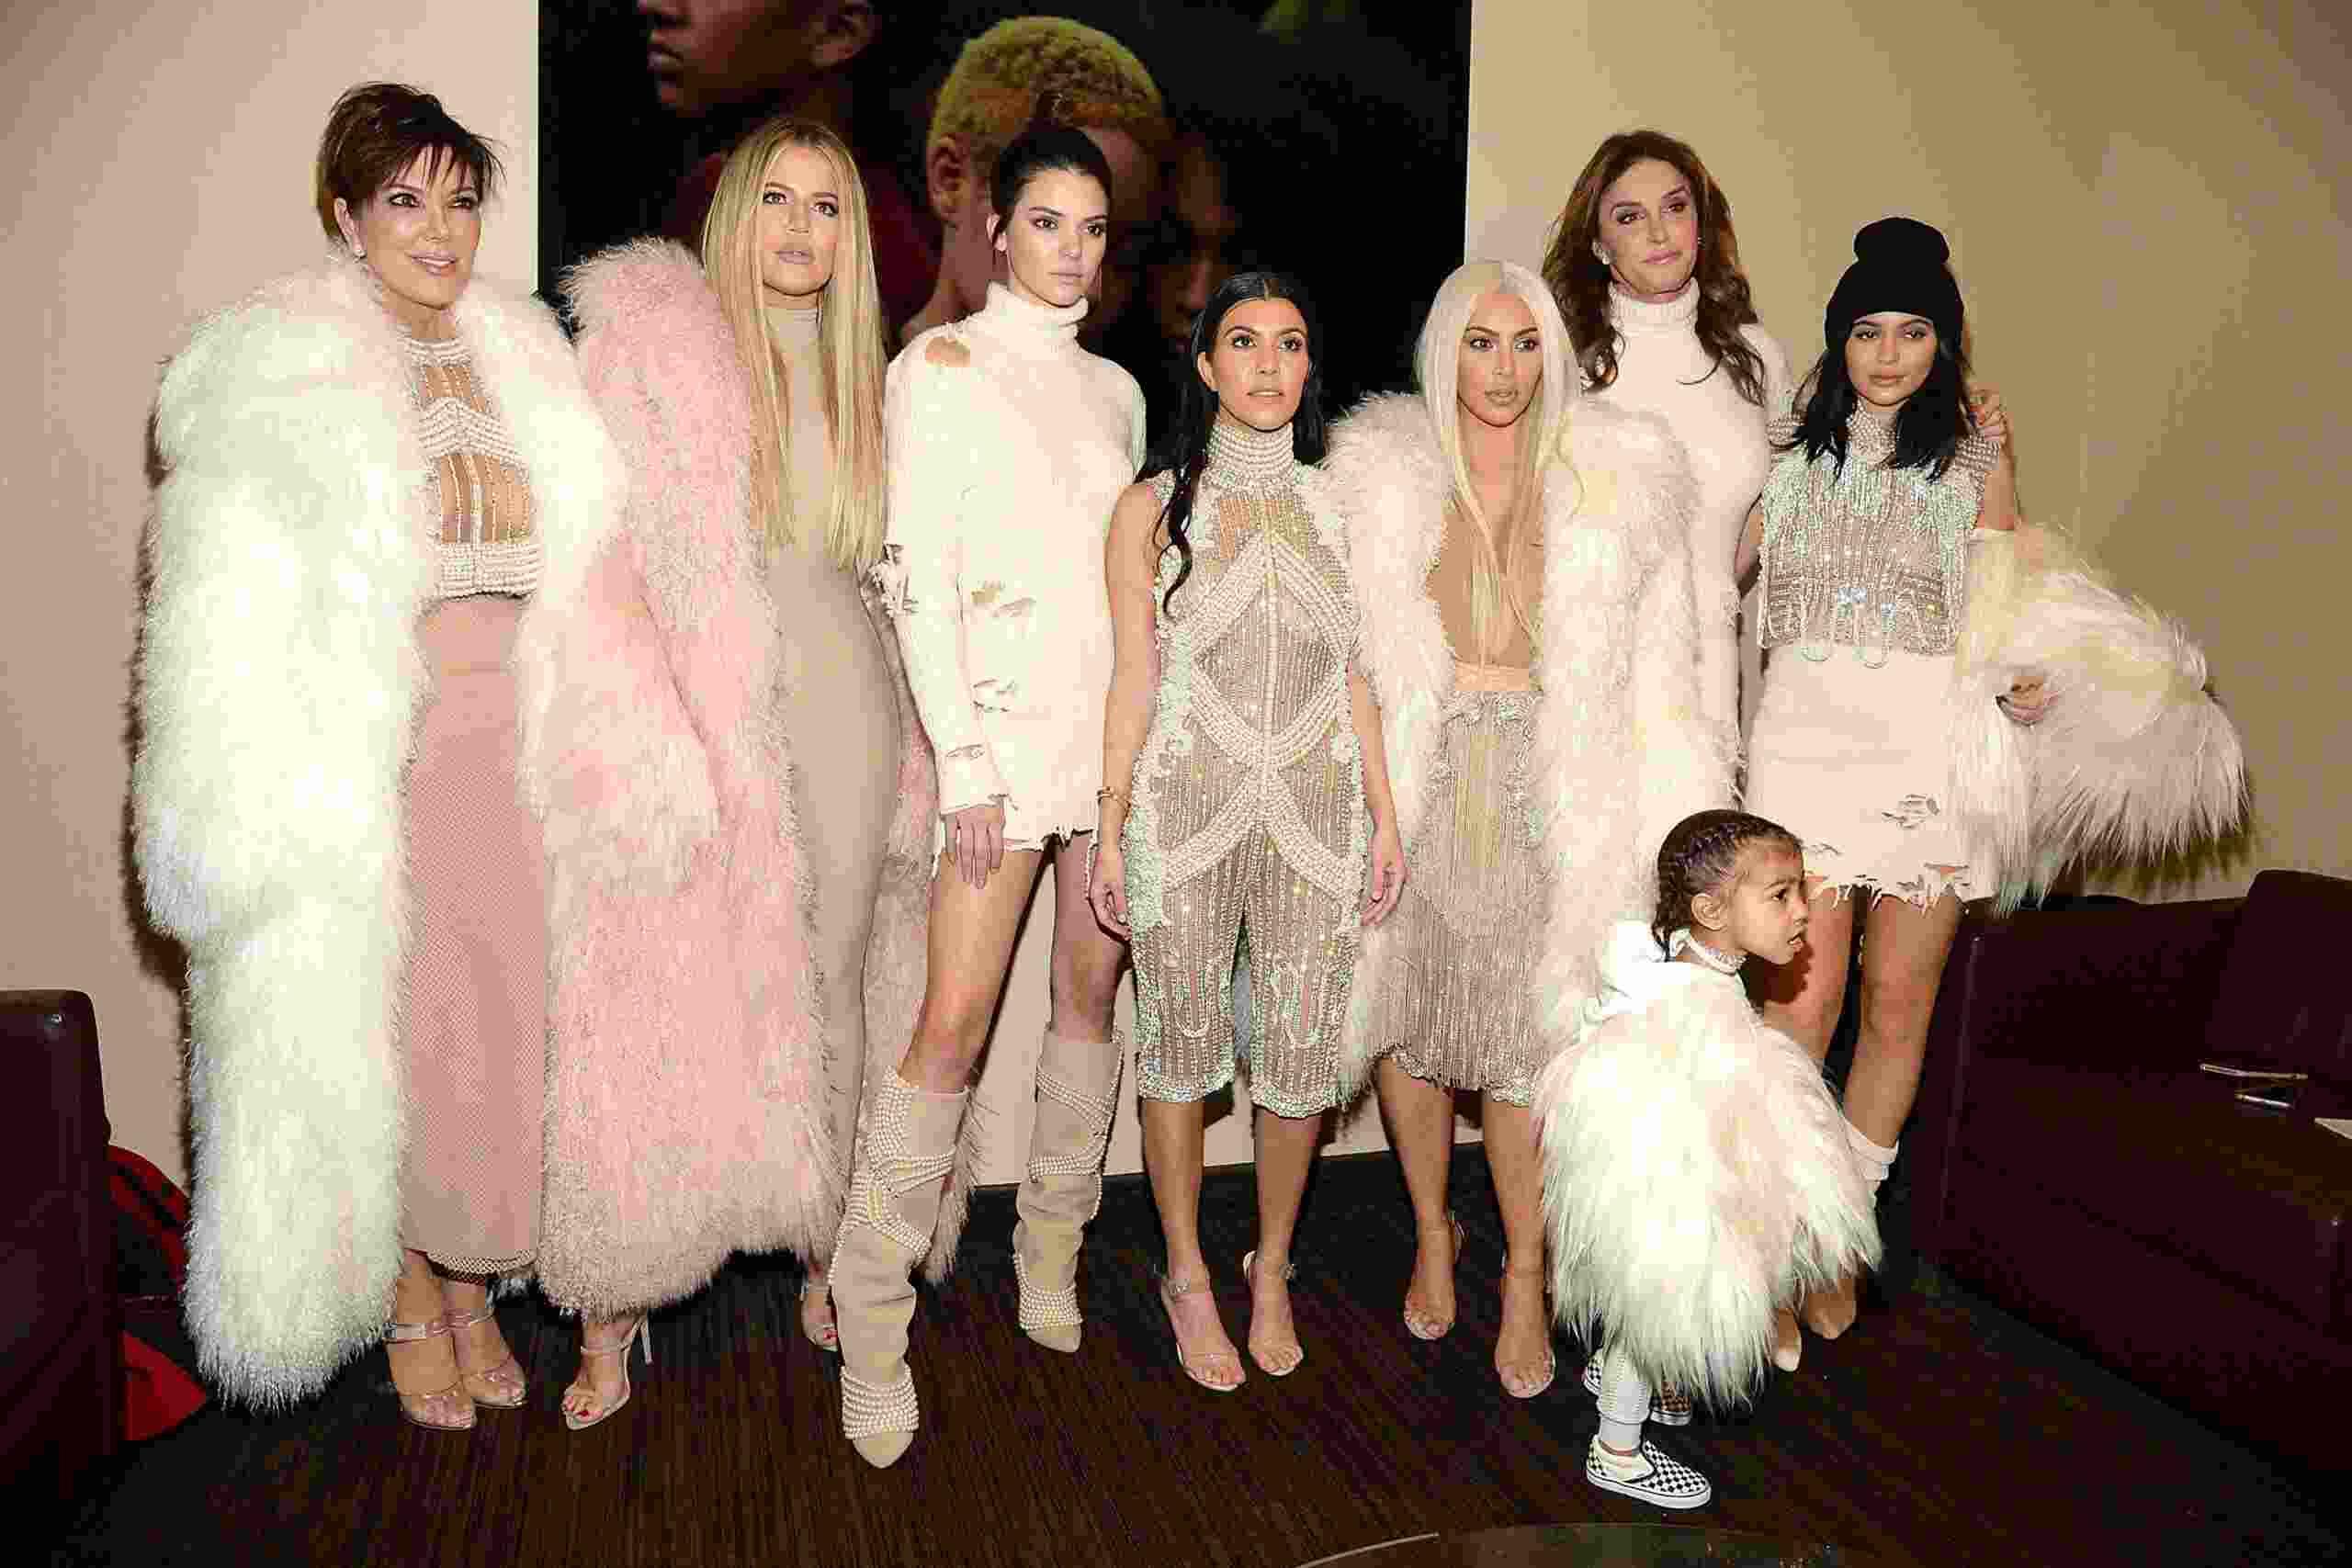 polemicas da família Kardashian mudança de sexo de Caitlyn Jenner família Kardashian